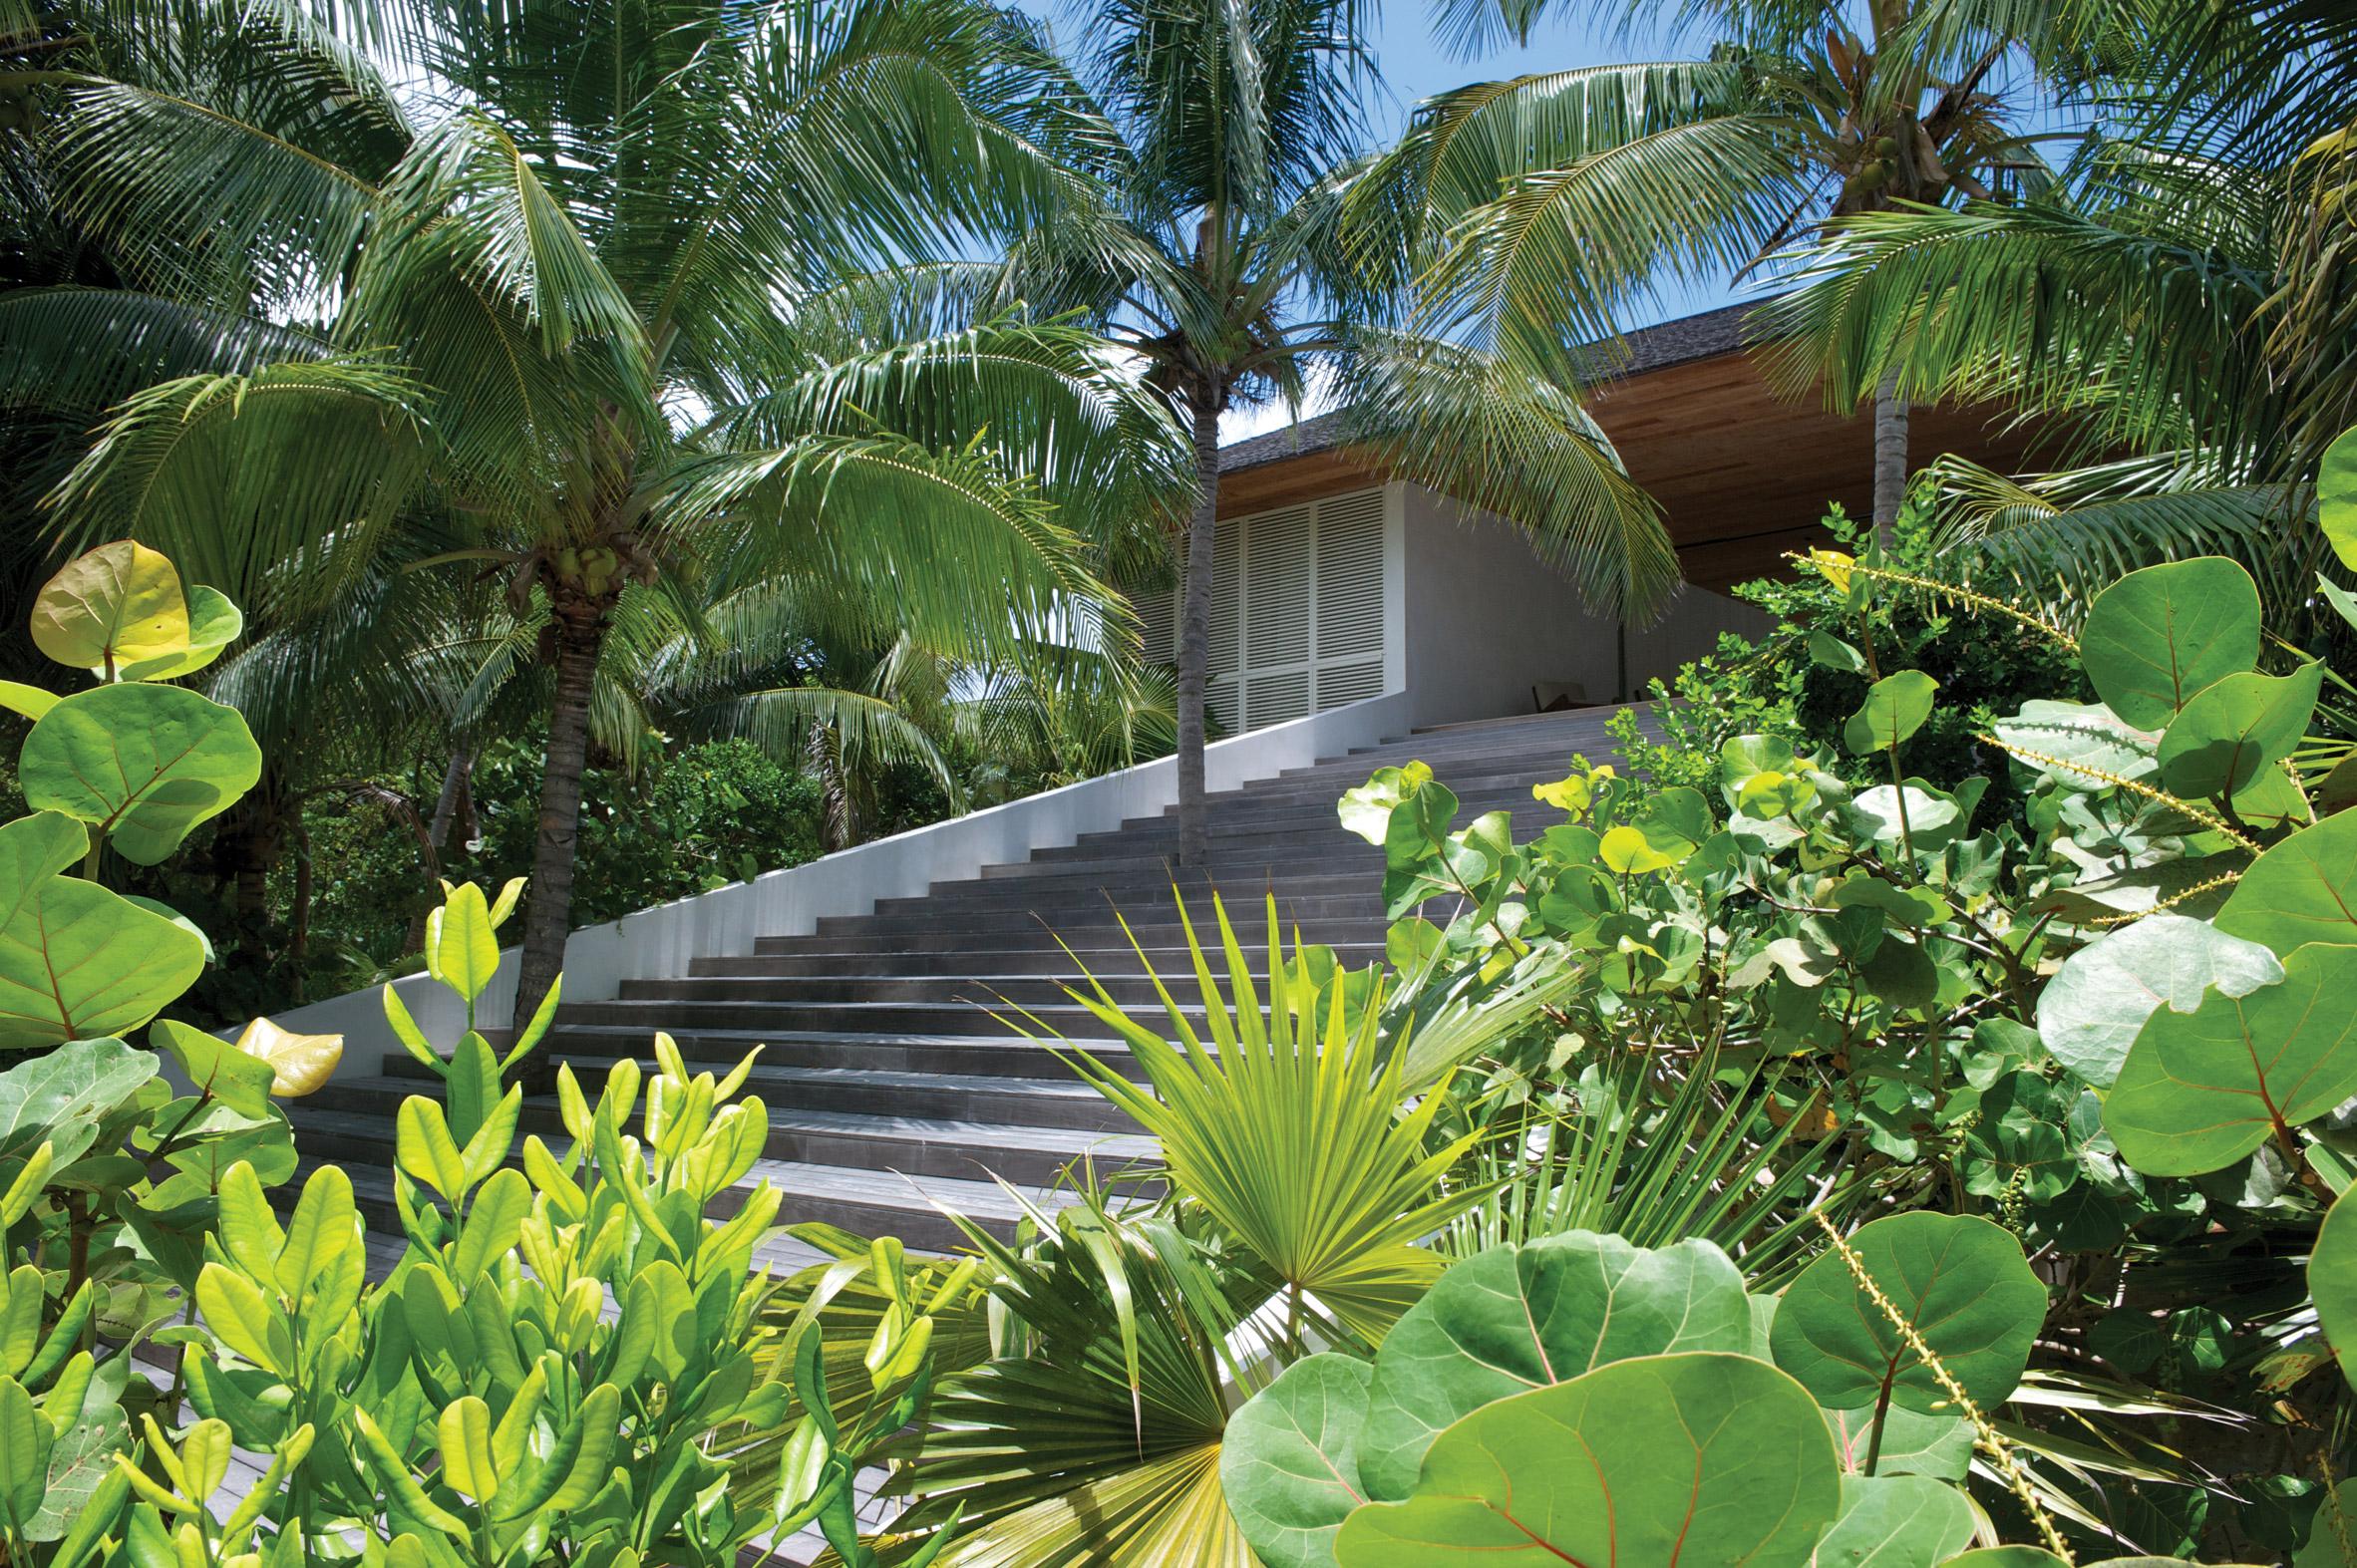 El verde tropical rodea esta vivienda de una planta